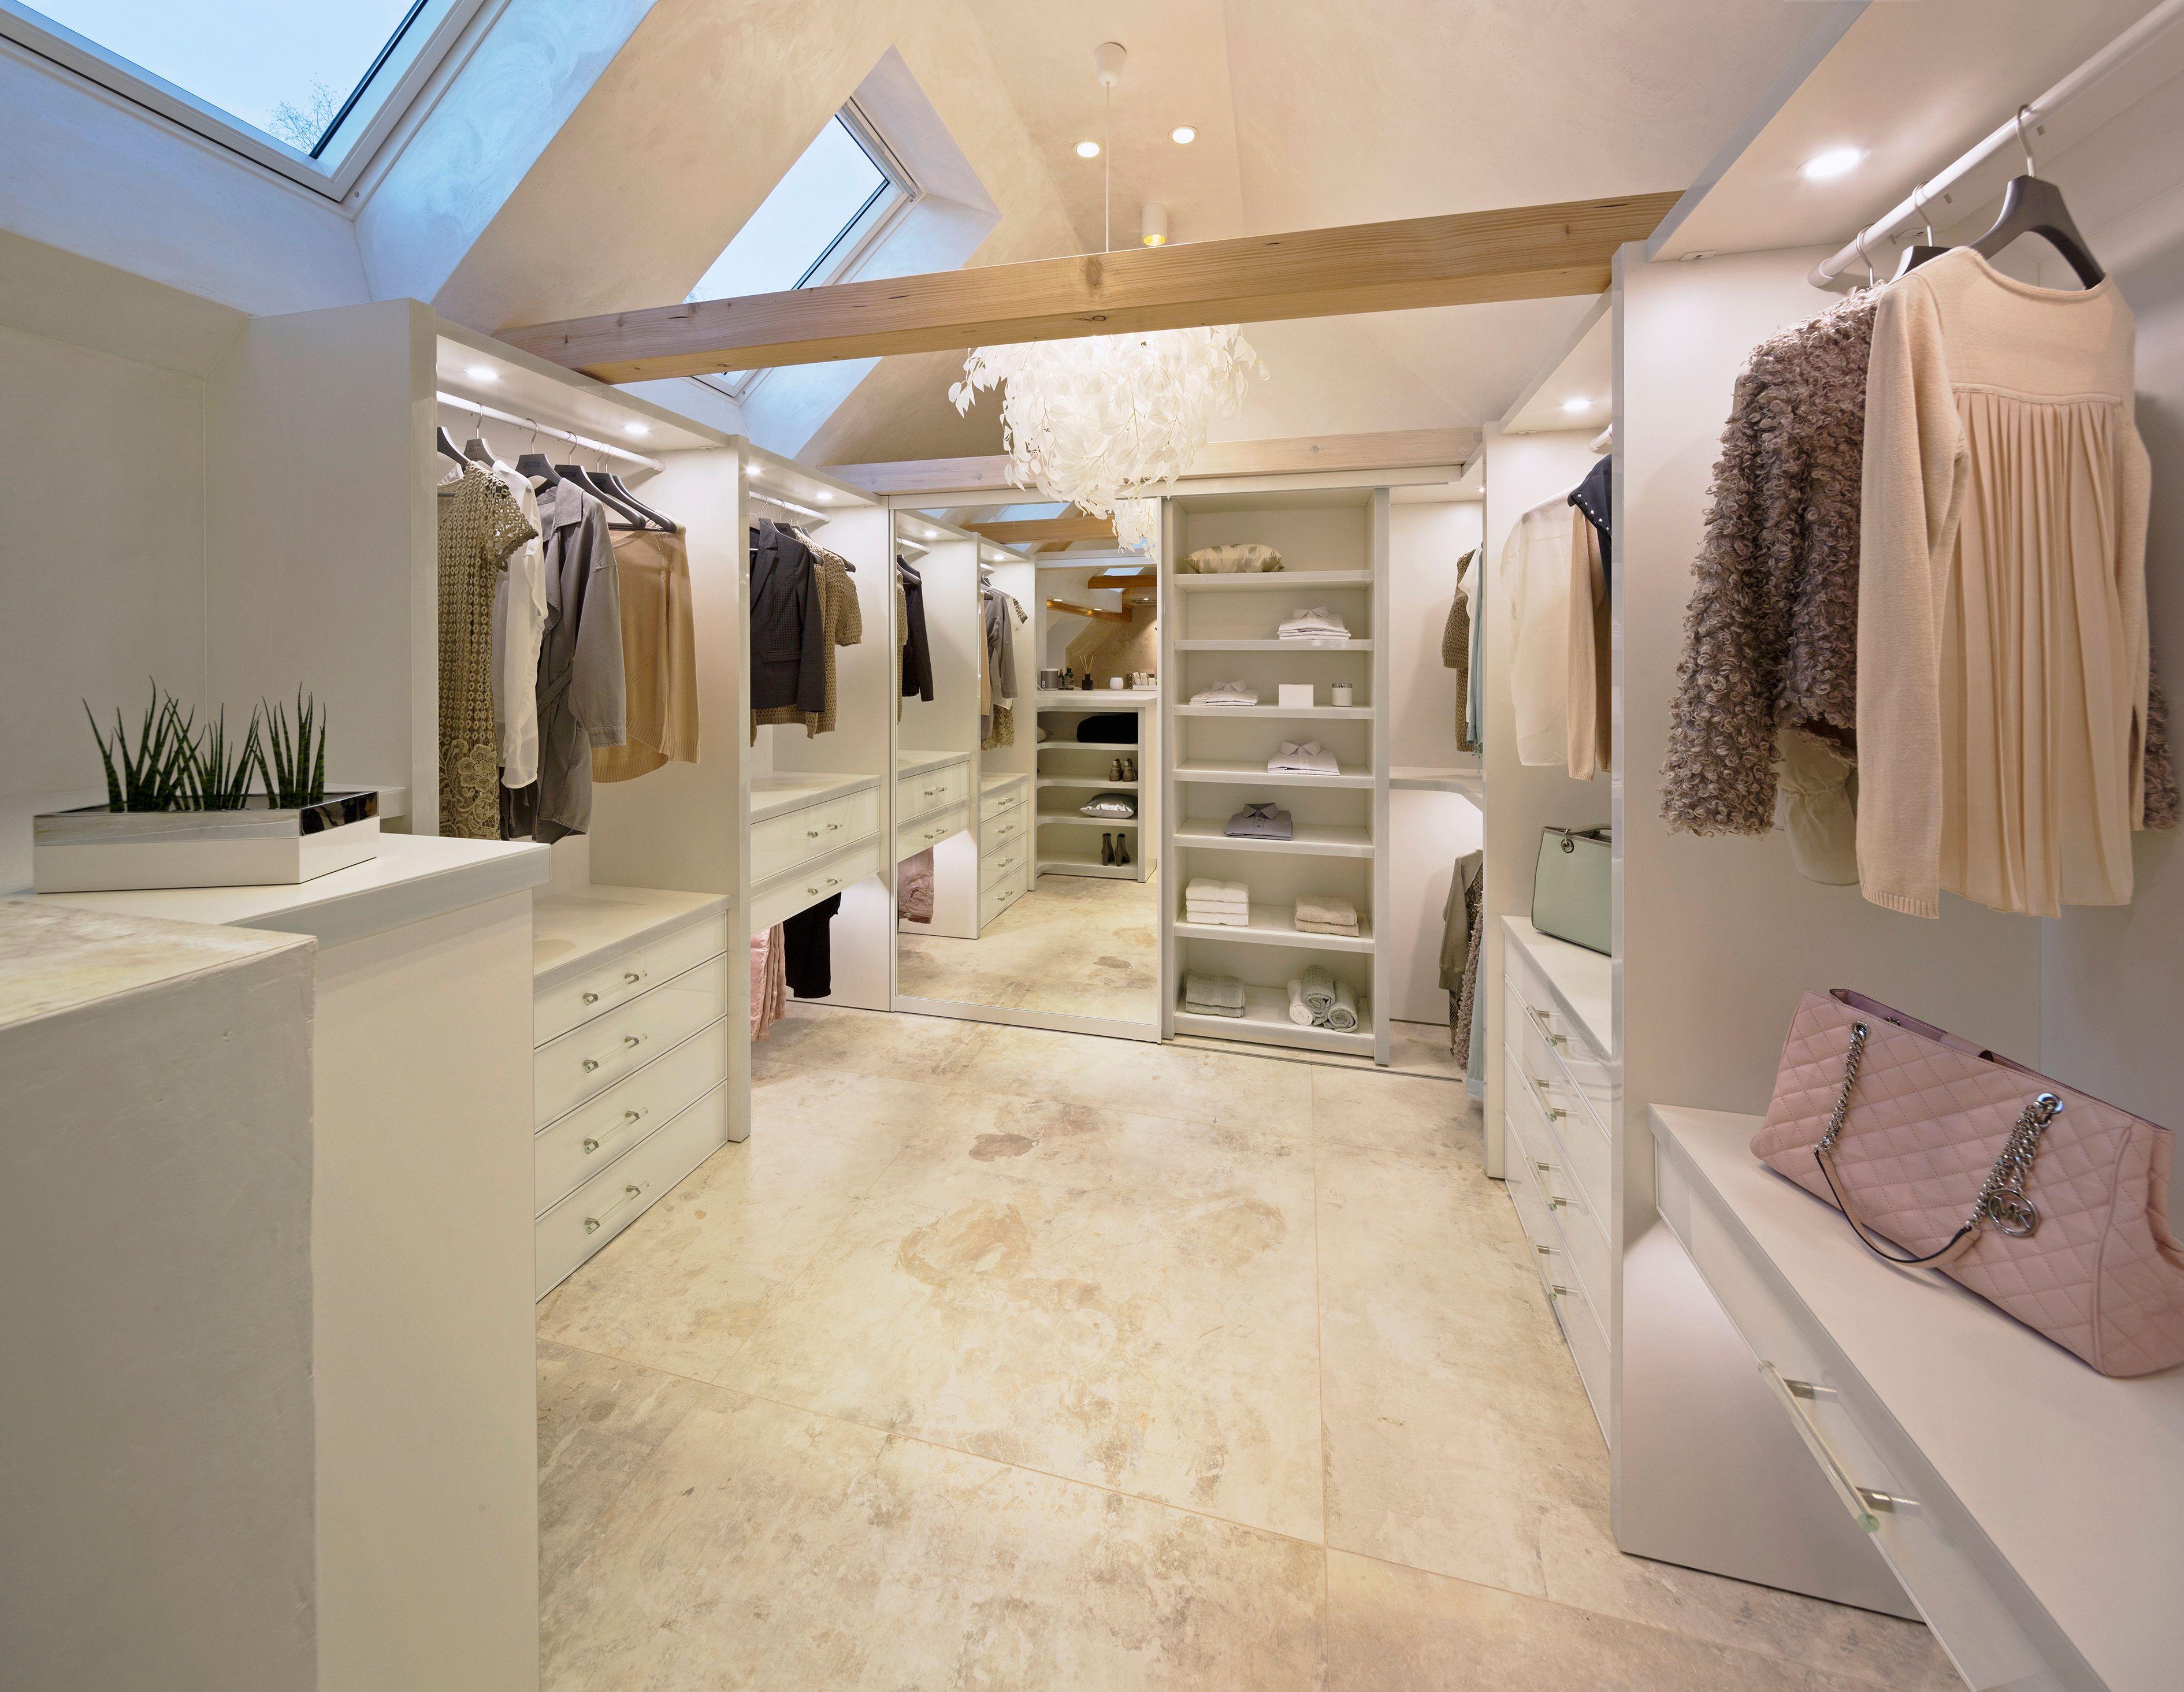 Einbauschranke Schiebeturen Nach Mass Begehbarer Kleiderschrank Dachgeschoss Begehbarer Kleiderschrank Dachboden Ankleide Zimmer